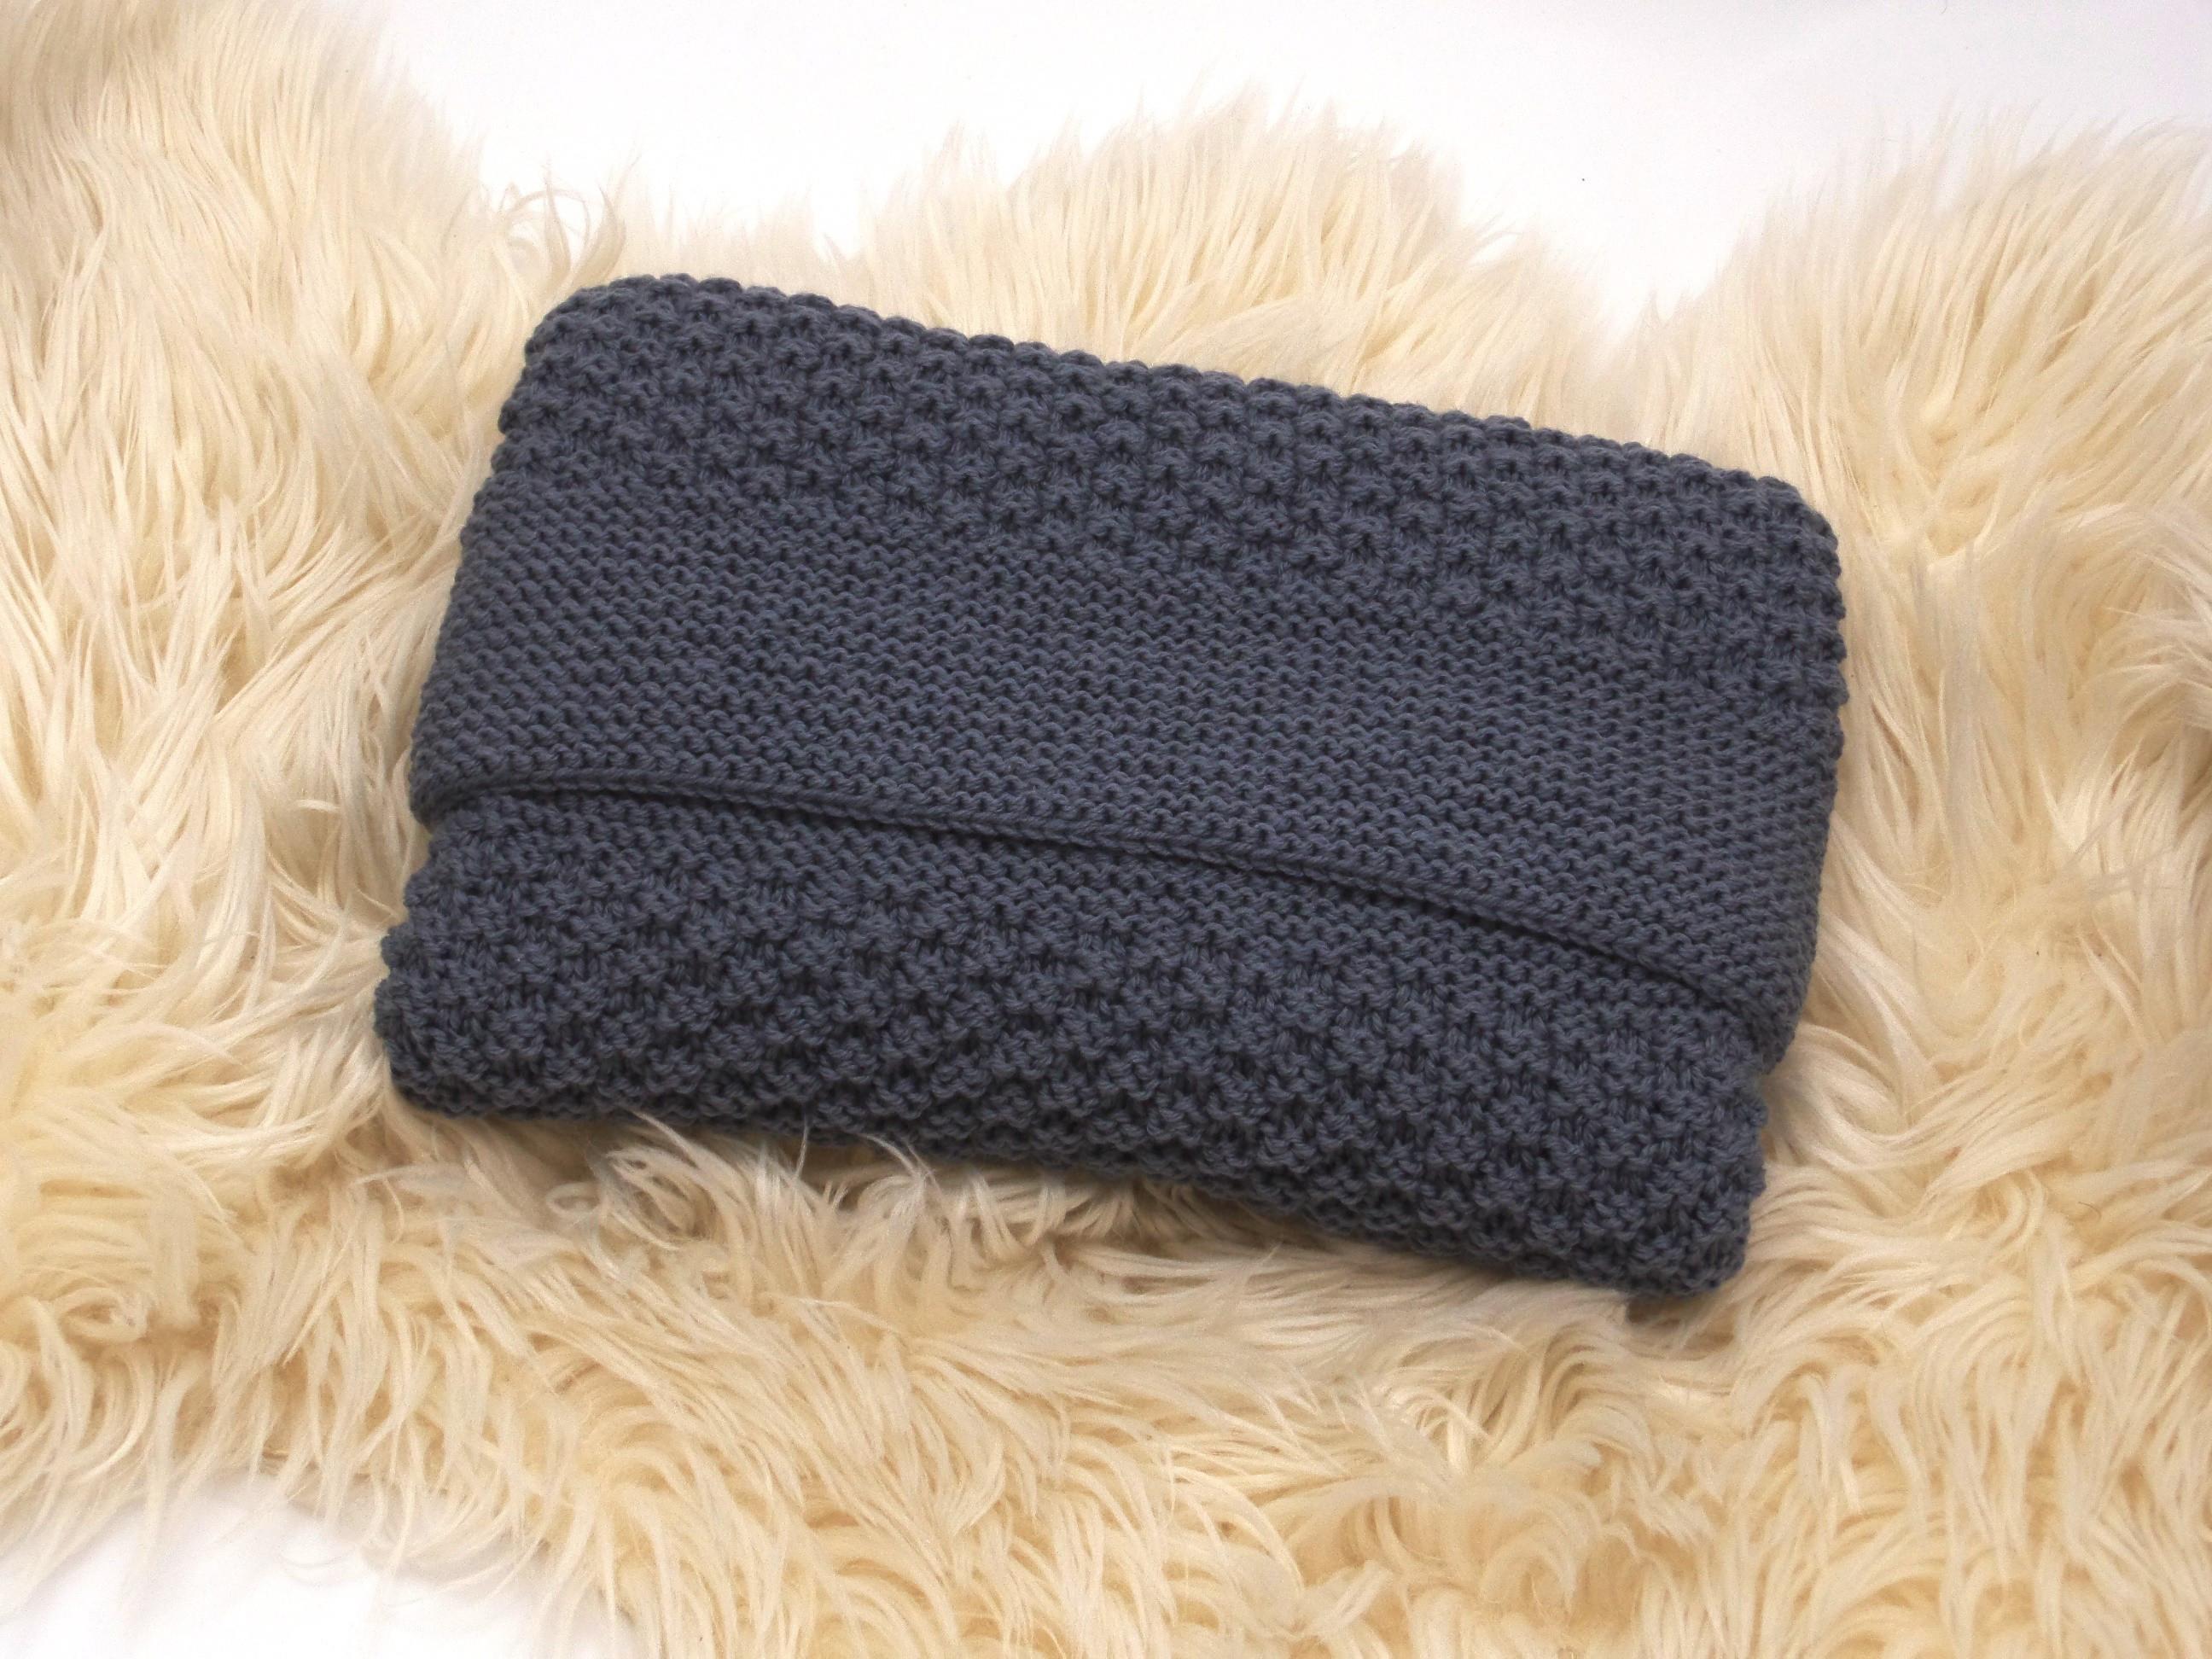 couverture en laine bébé couverture épaisse anthracite bébé tricotée main laine mérinos couverture en laine bébé